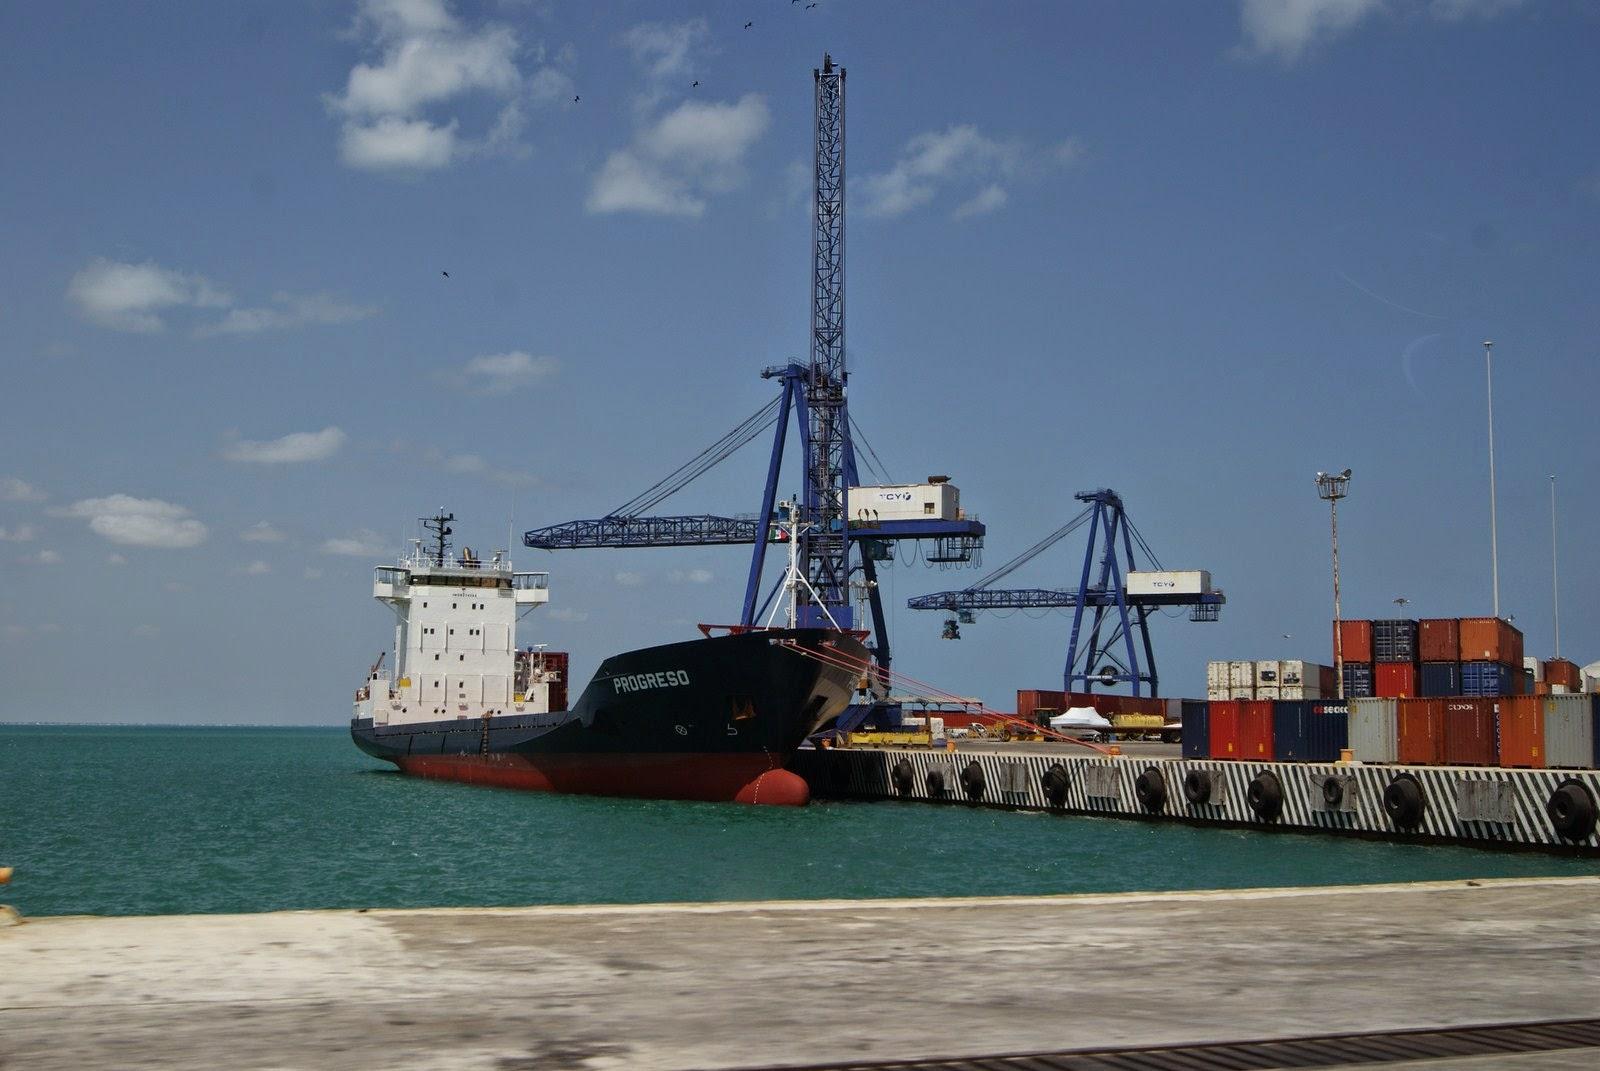 Photo: Puerto de Progreso A container ship loading at the Port of Progreso.